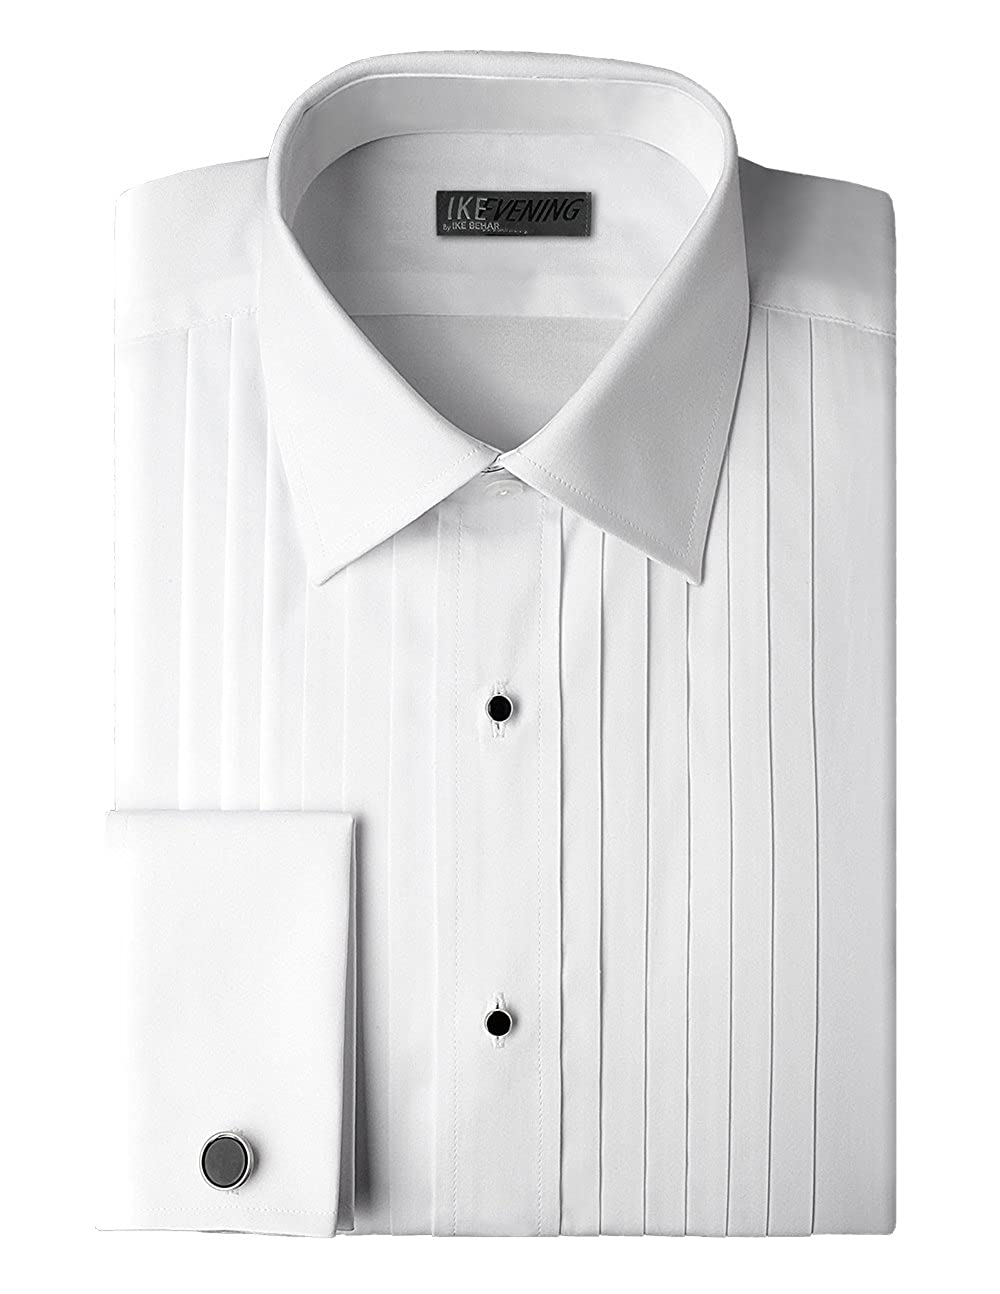 IKE Behar 100% Woven Cotton Tuxedo Shirt